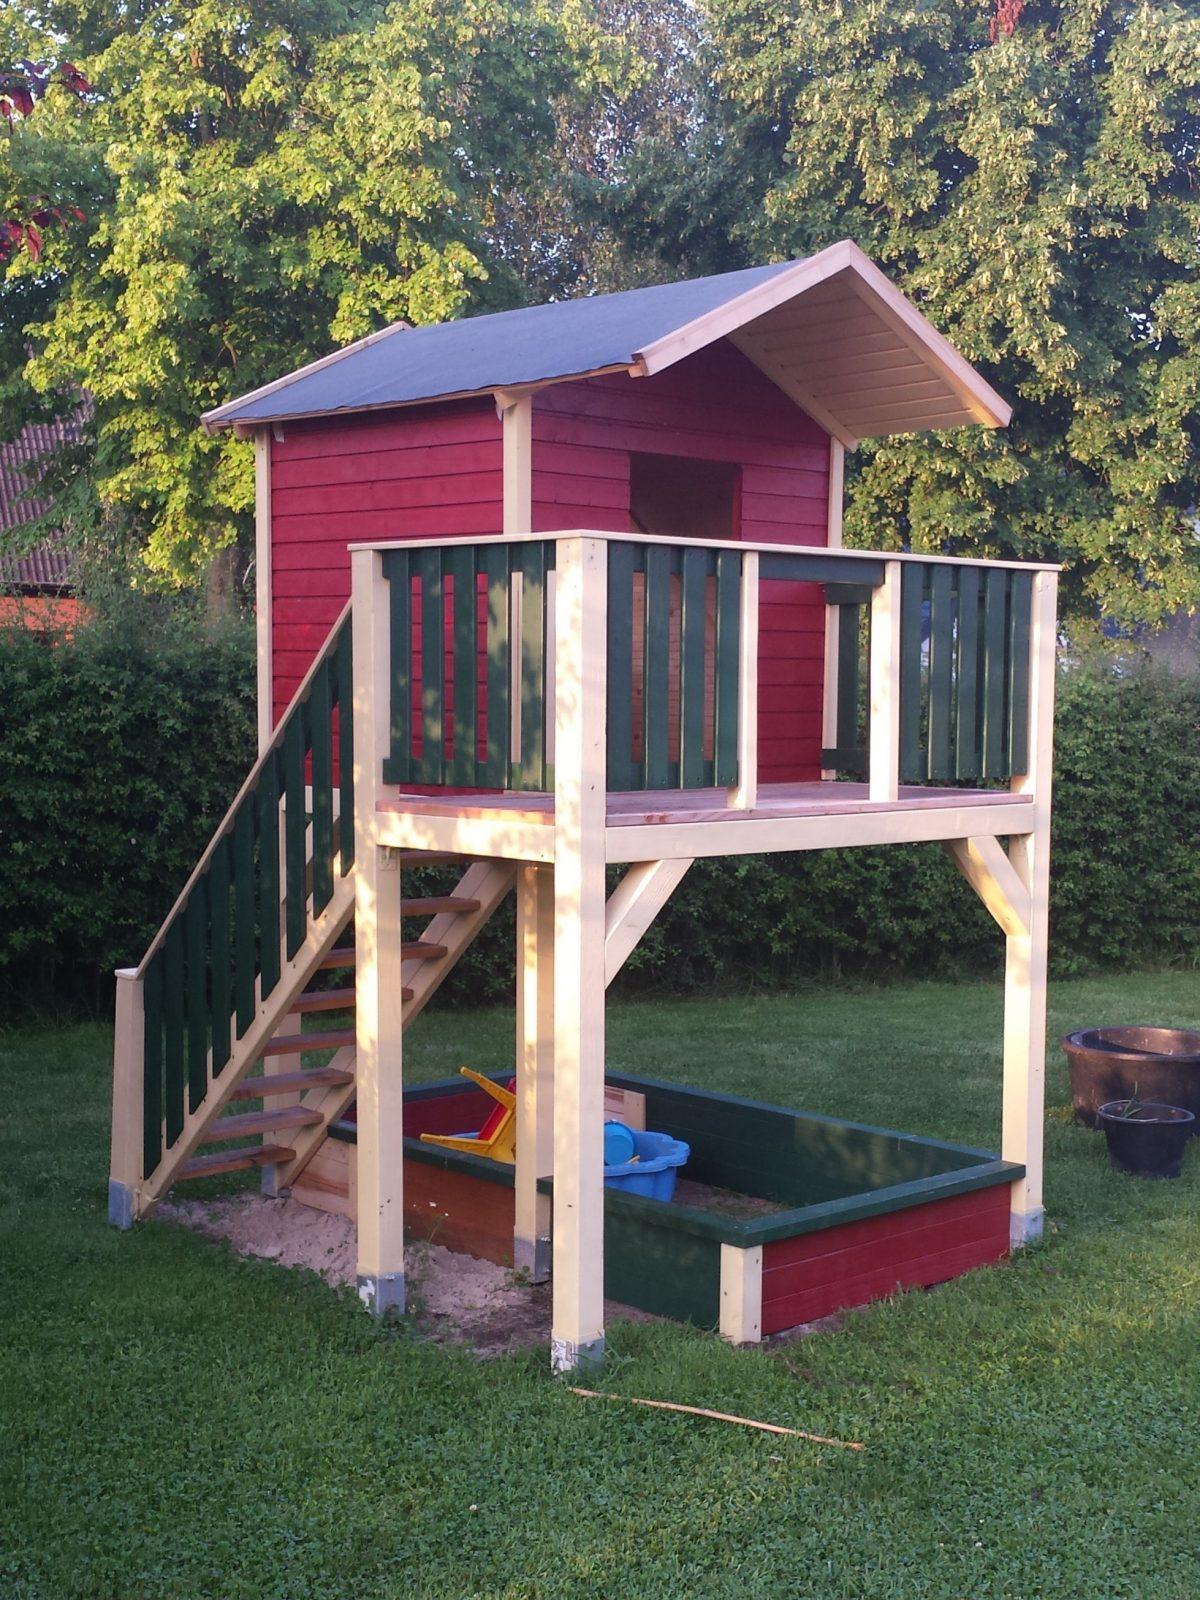 Spielturm Mit Treppe Bauanleitung Zum Selber Bauen  For My von Spielhaus Kinder Selber Bauen Photo